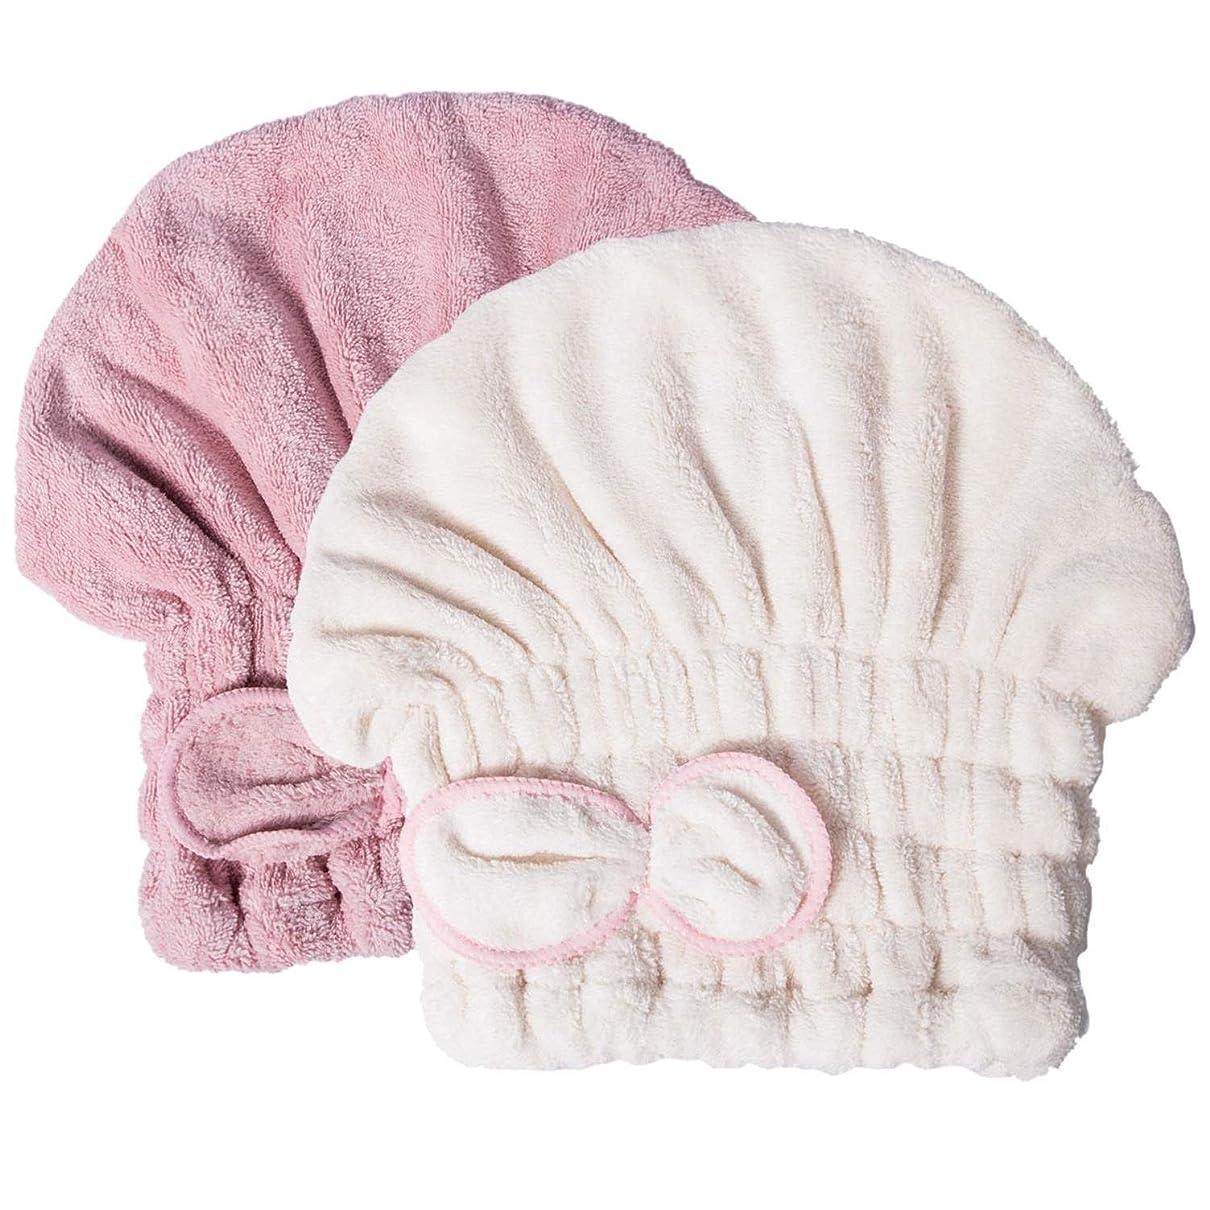 価値脱獄飛行場あQ太郎 長い髪専用 化粧用 お風呂用 便利 吸水 速乾 2点セット シャワーキャップ